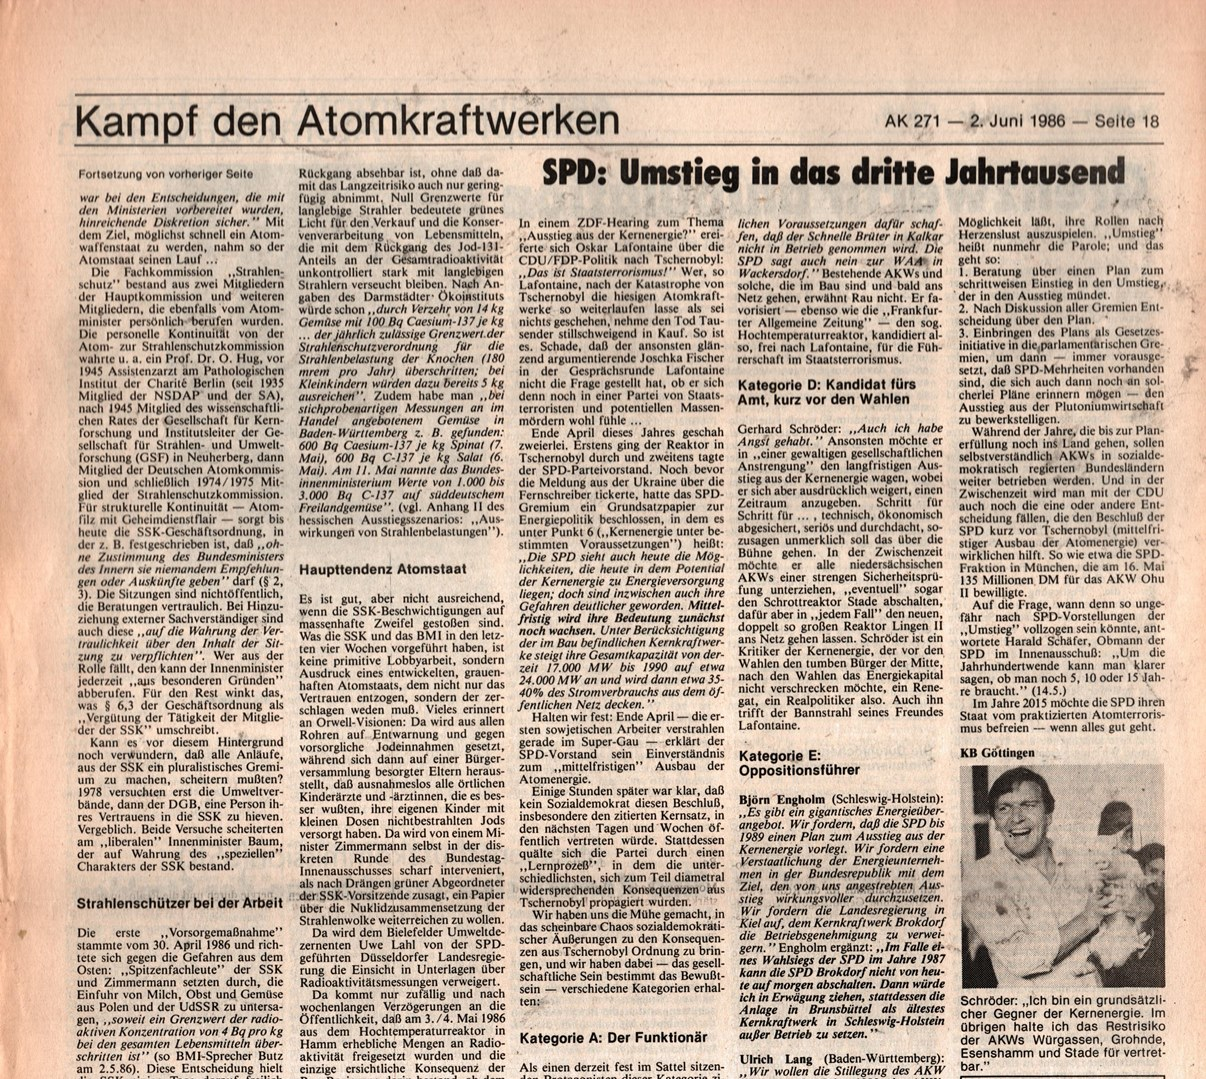 KB_AK_1986_271_035